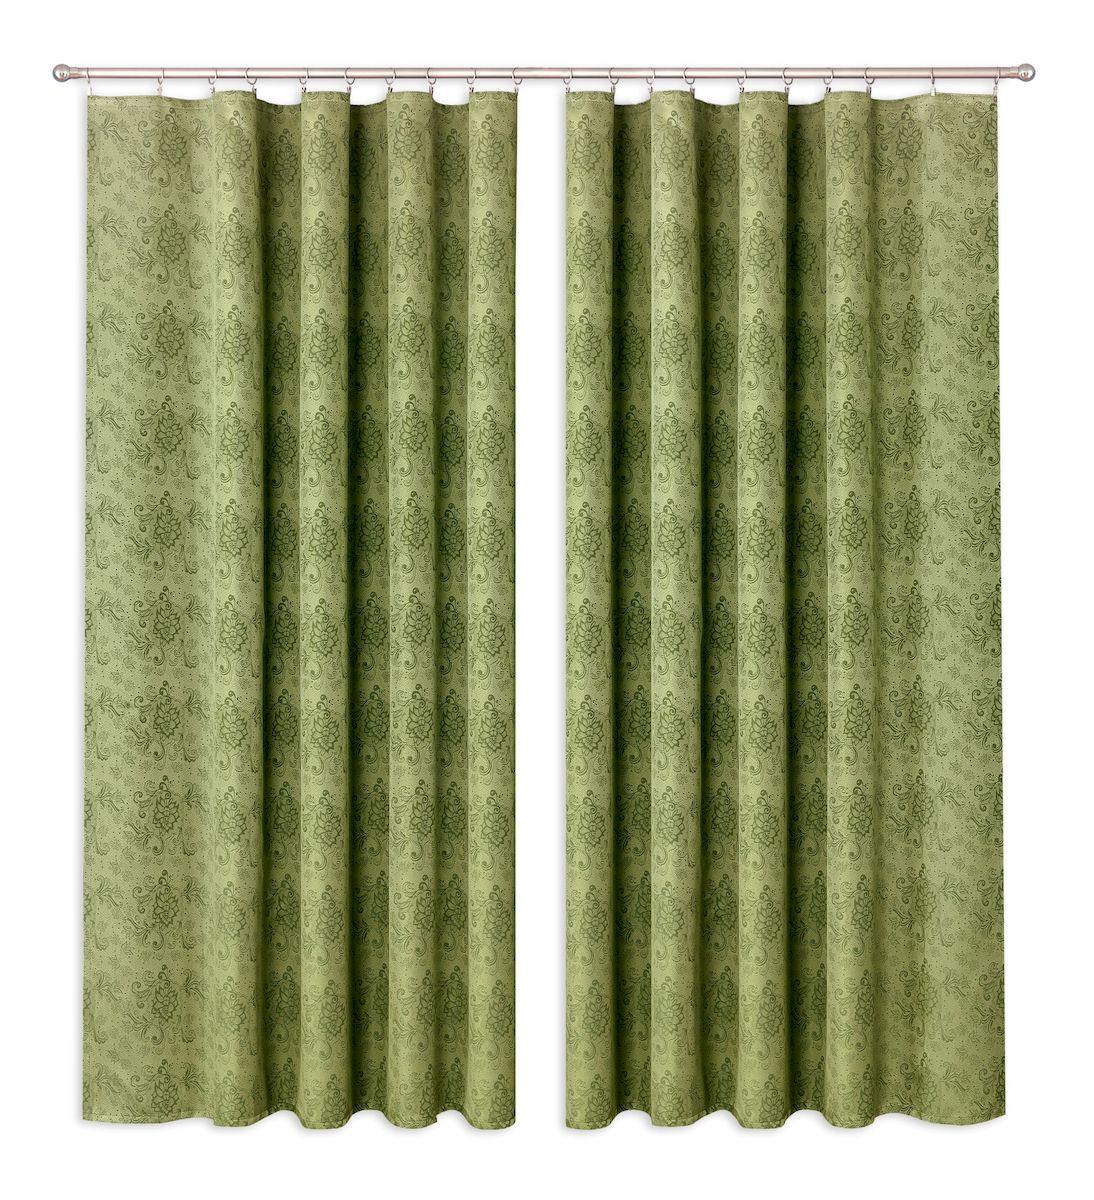 Комплект штор P Primavera Firany, цвет: темно-зеленый, высота 280 см. 11100241110024Комплект штор из полиэстровой жаккардовой ткани с пришитой шторной лентой. Размер - ширина 180 см высота 280см. Набор 2 штуки. Цвет зелёный. Размер: ширина 180 х высота 280